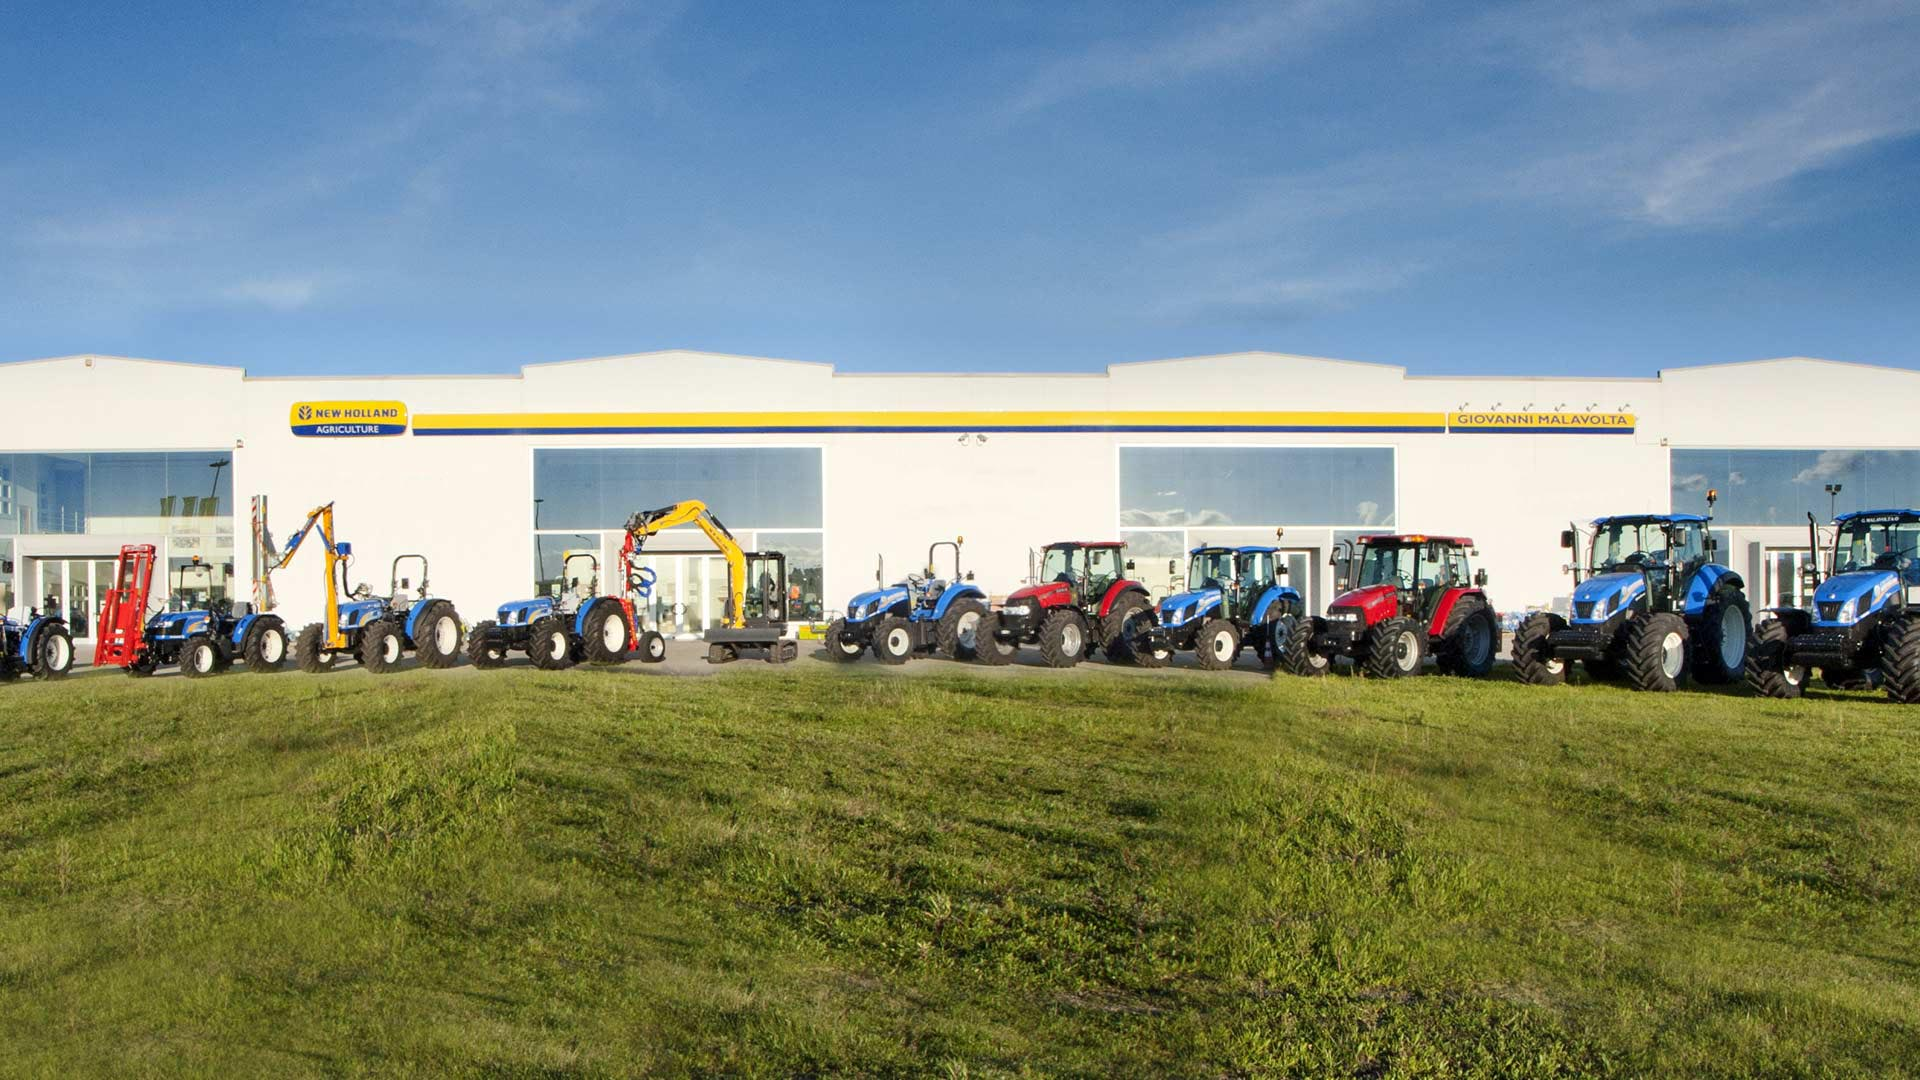 Immagine dei trattori della concessionaria malavolta a Corigliano-Rossano